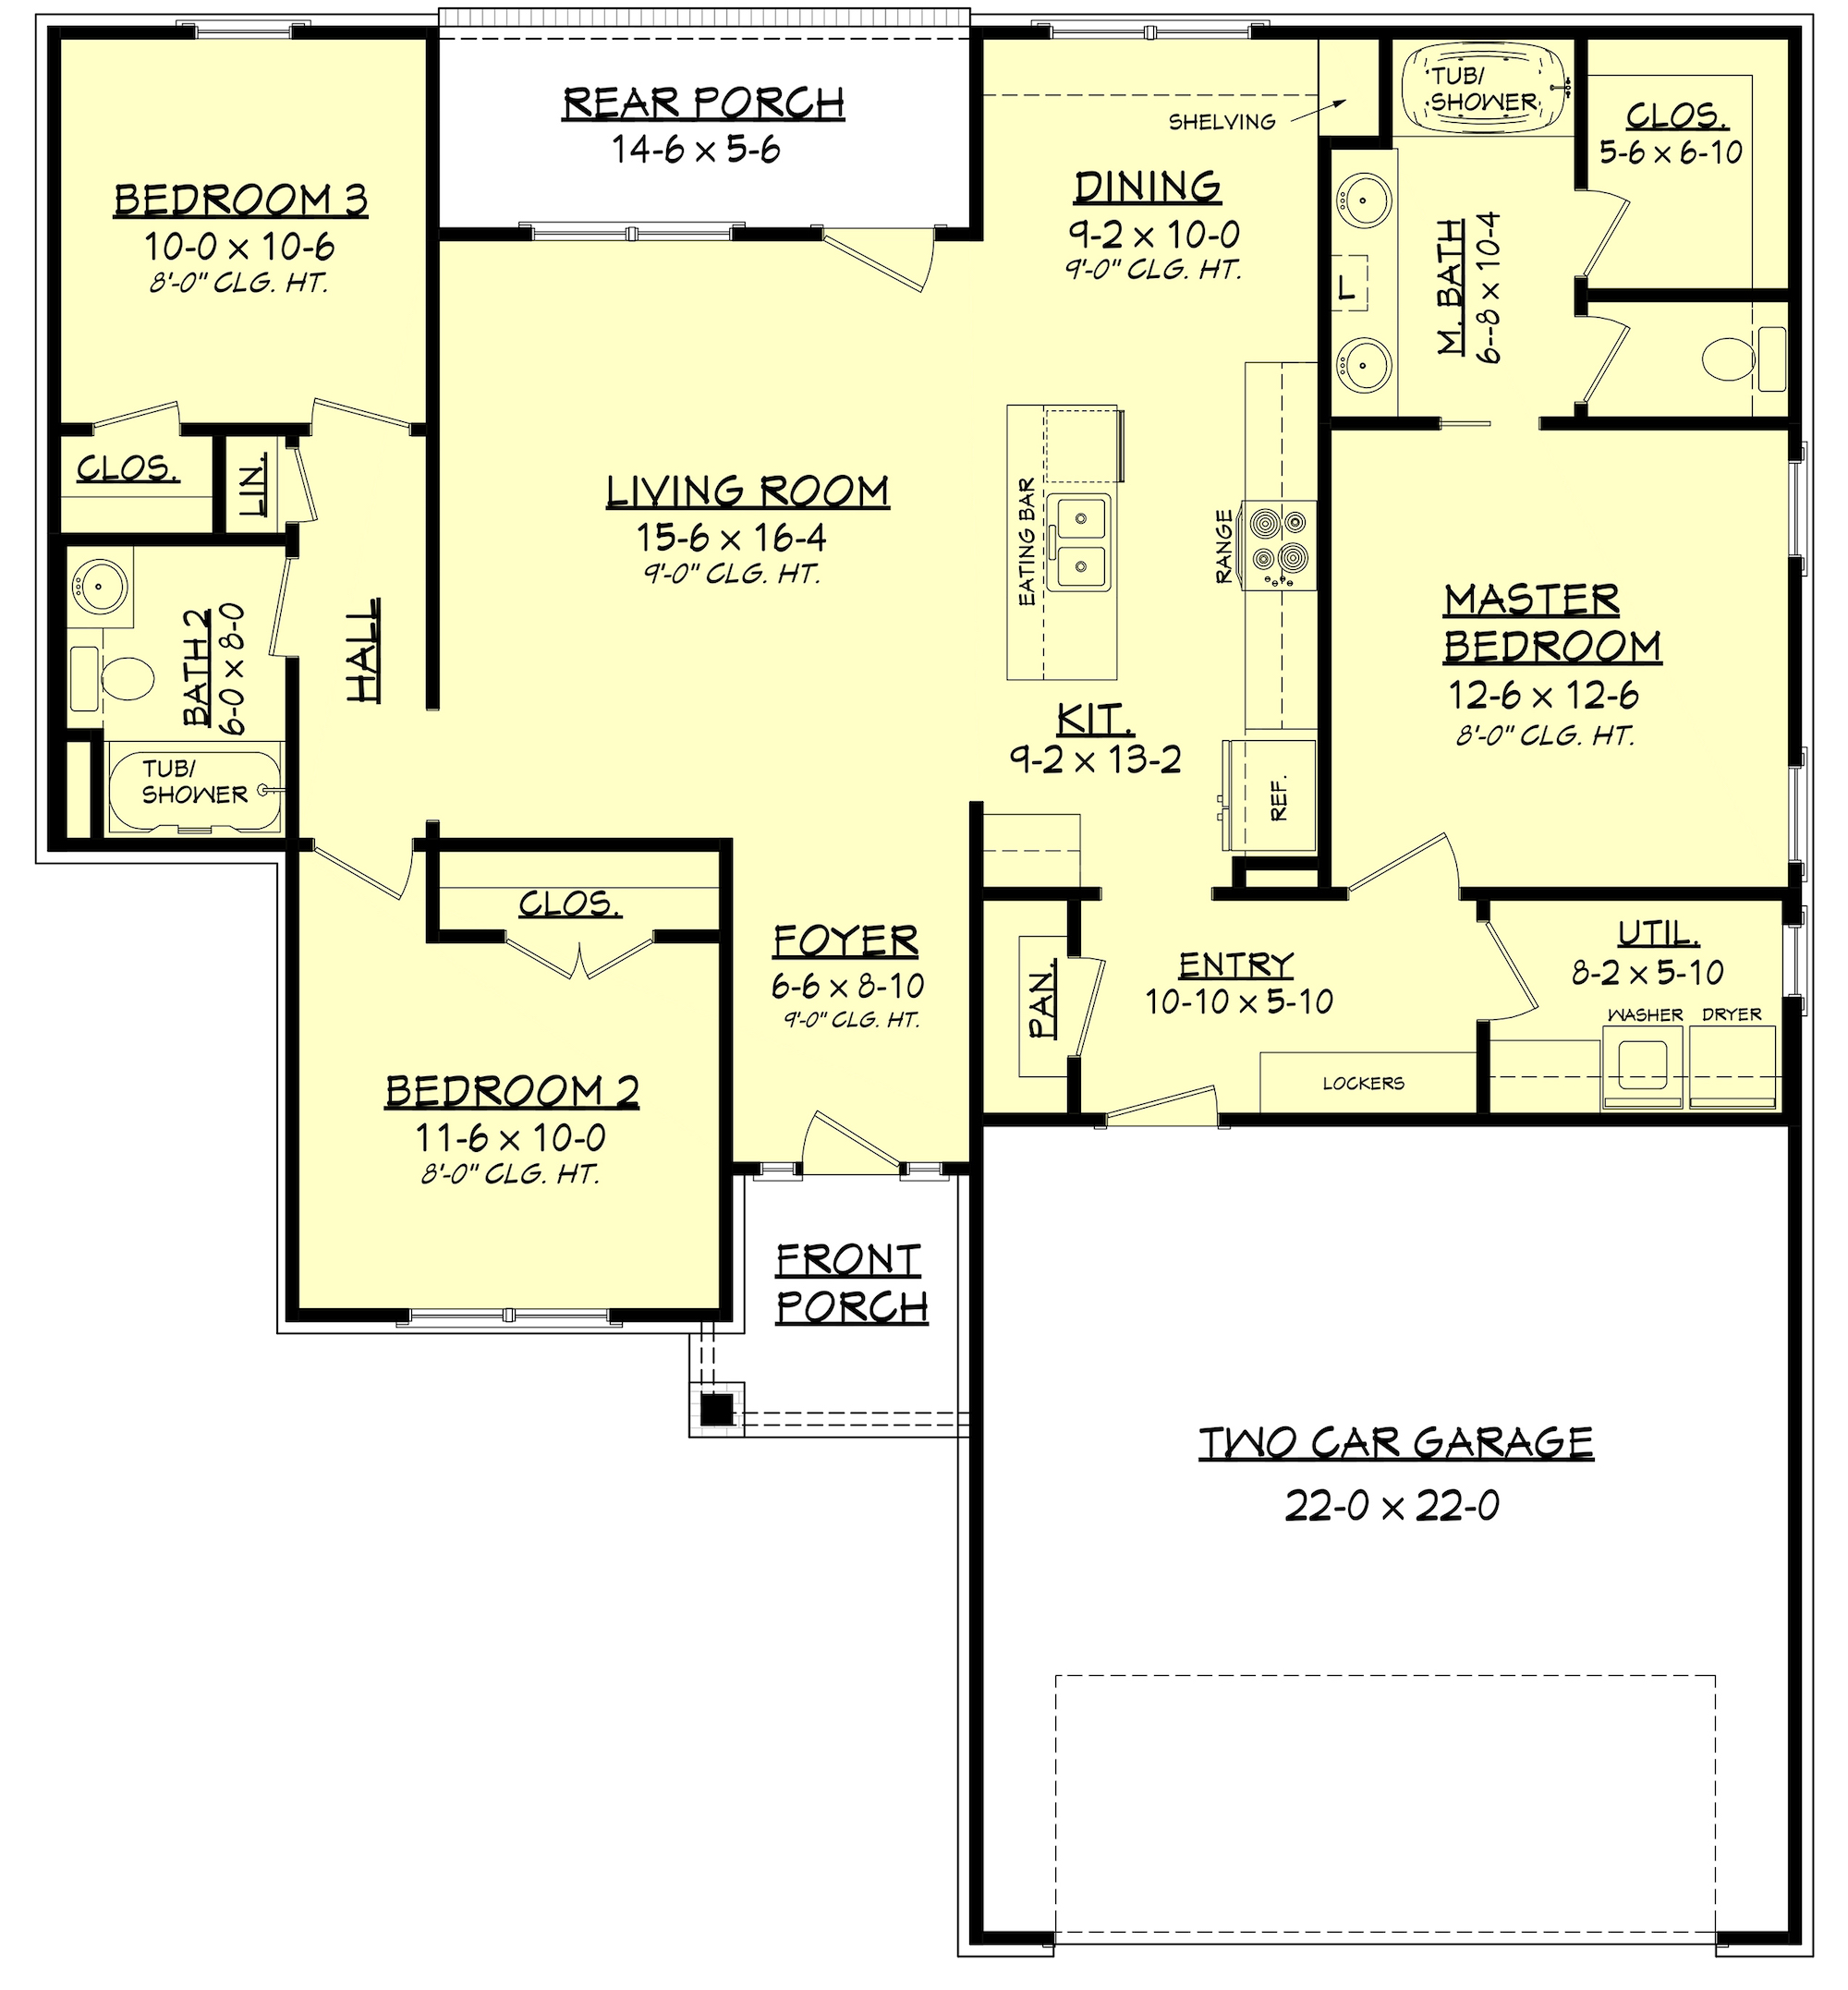 craftsman house plan 142 1153 3 bedrm 1381 sq ft home plan. Black Bedroom Furniture Sets. Home Design Ideas